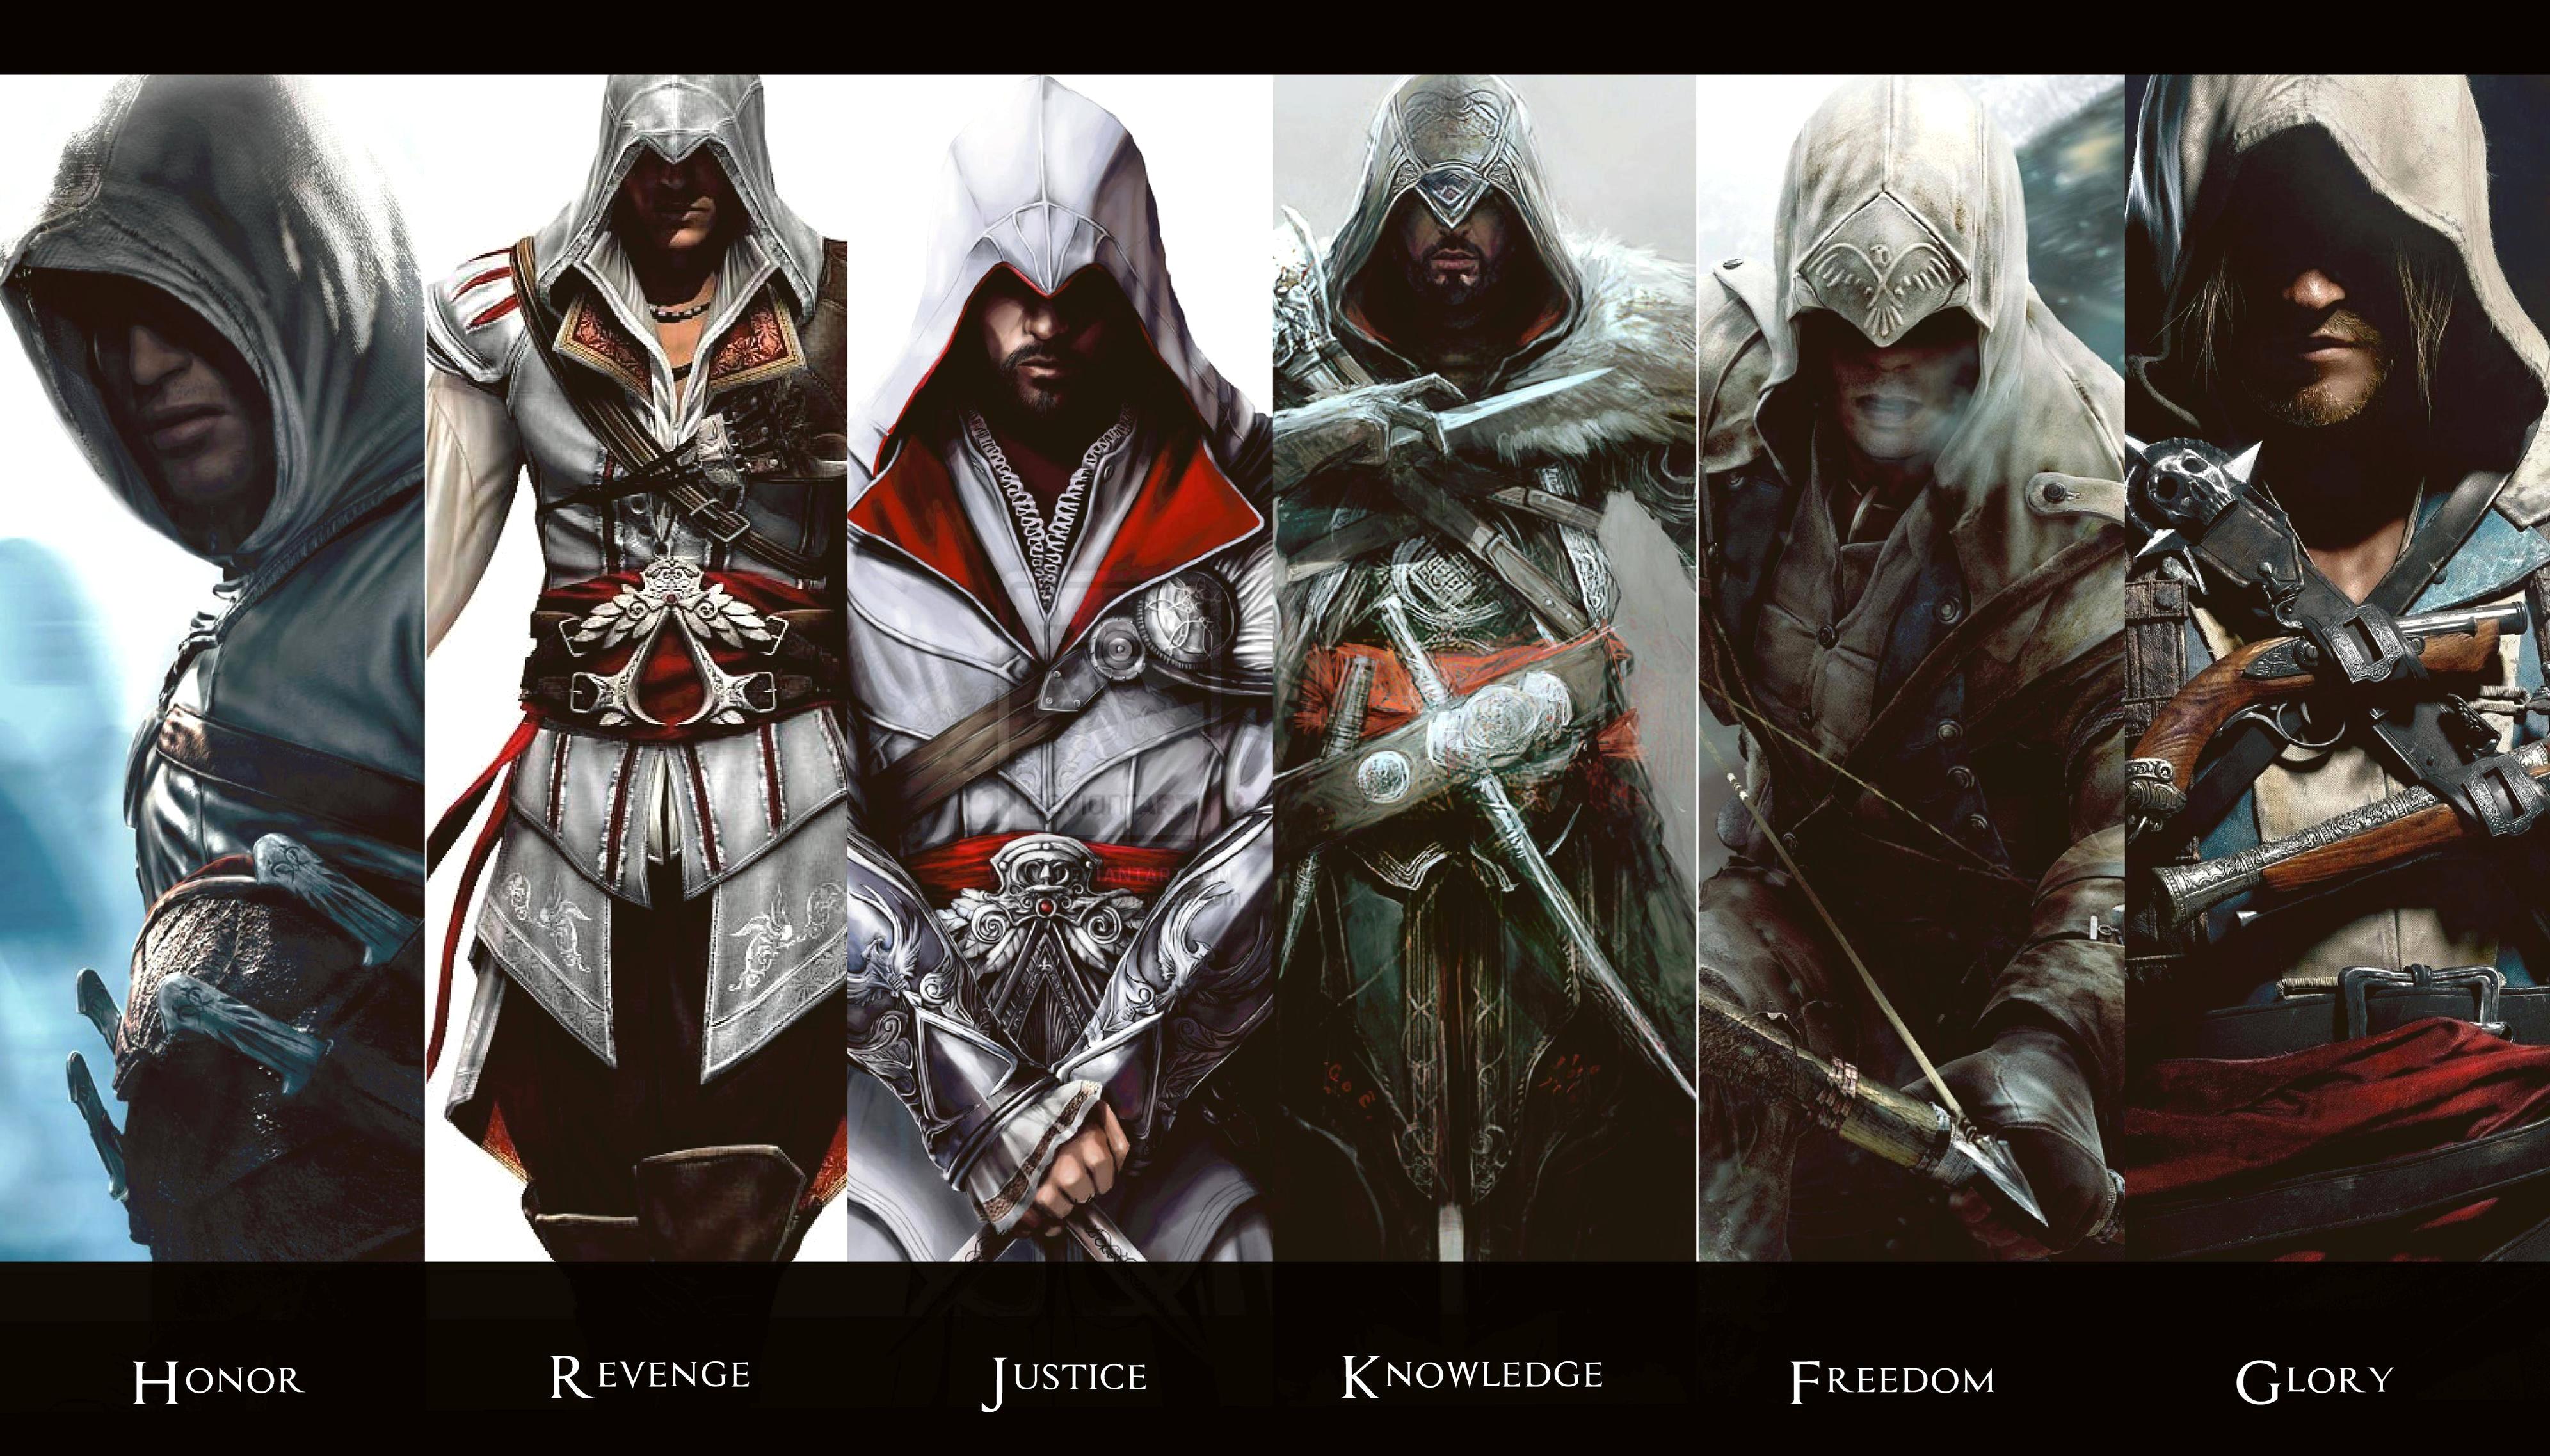 Фото всех персонажей из игры ассасин